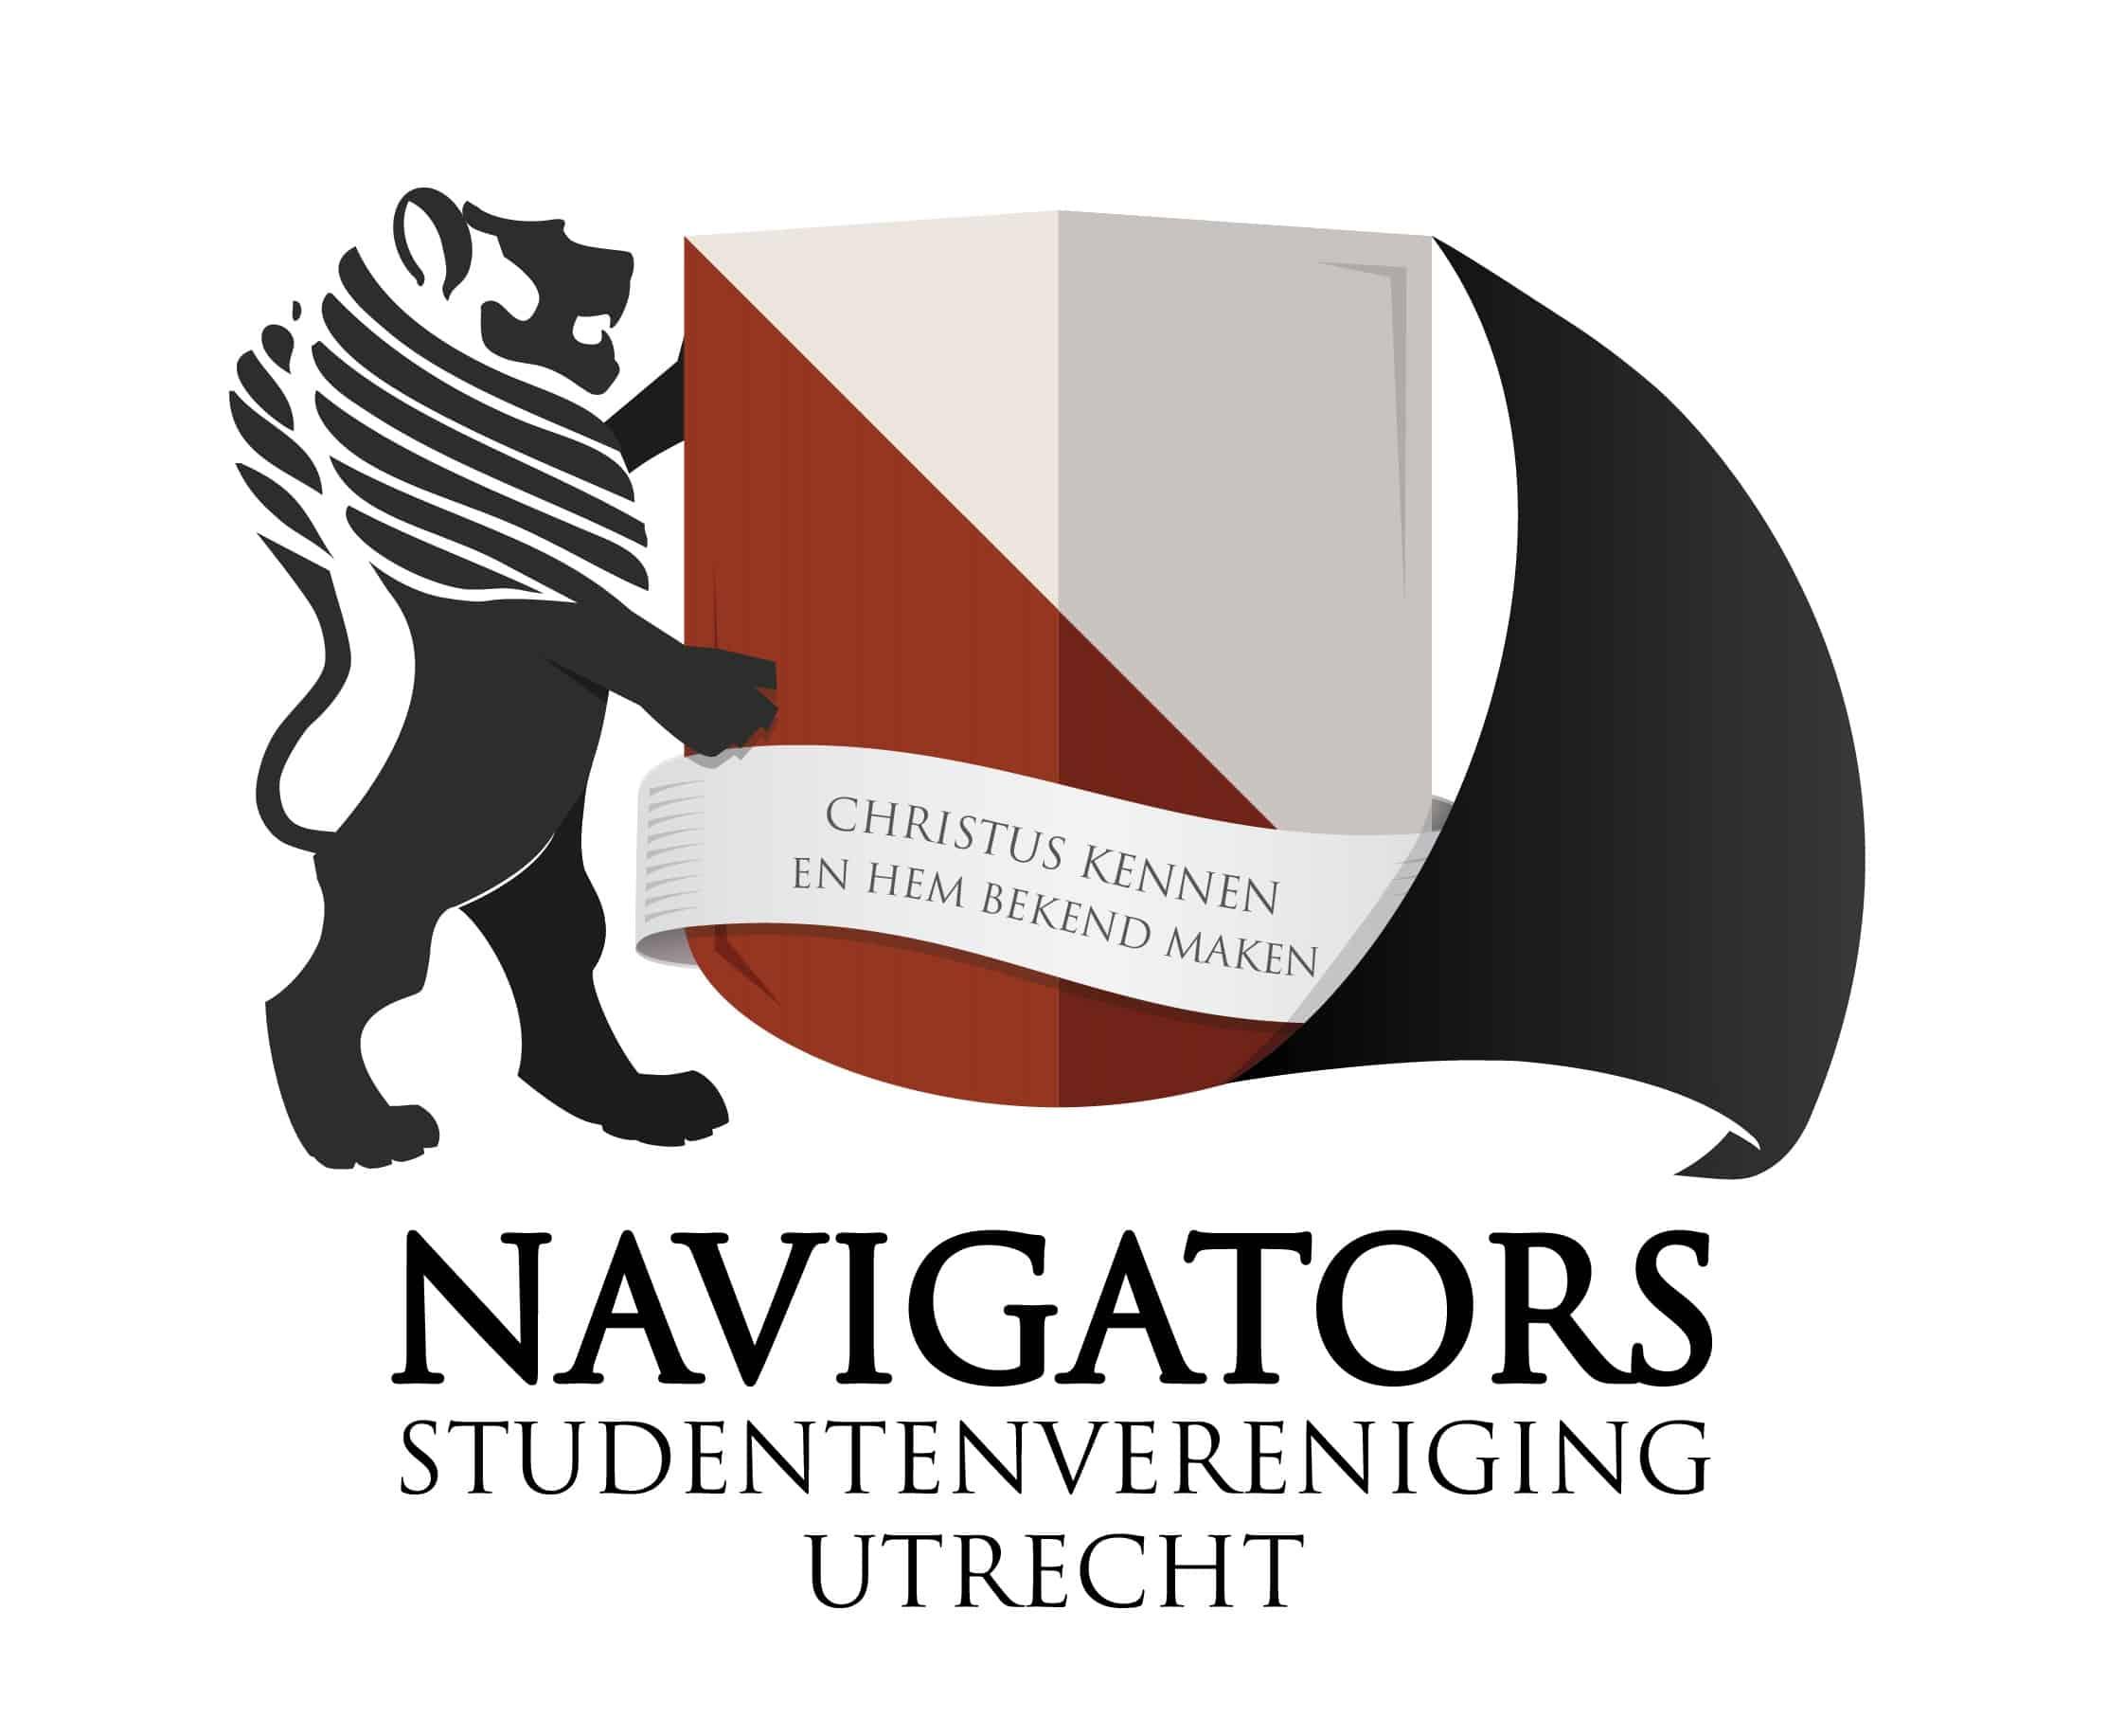 Logo Navigators Studentenvereniging Utrecht